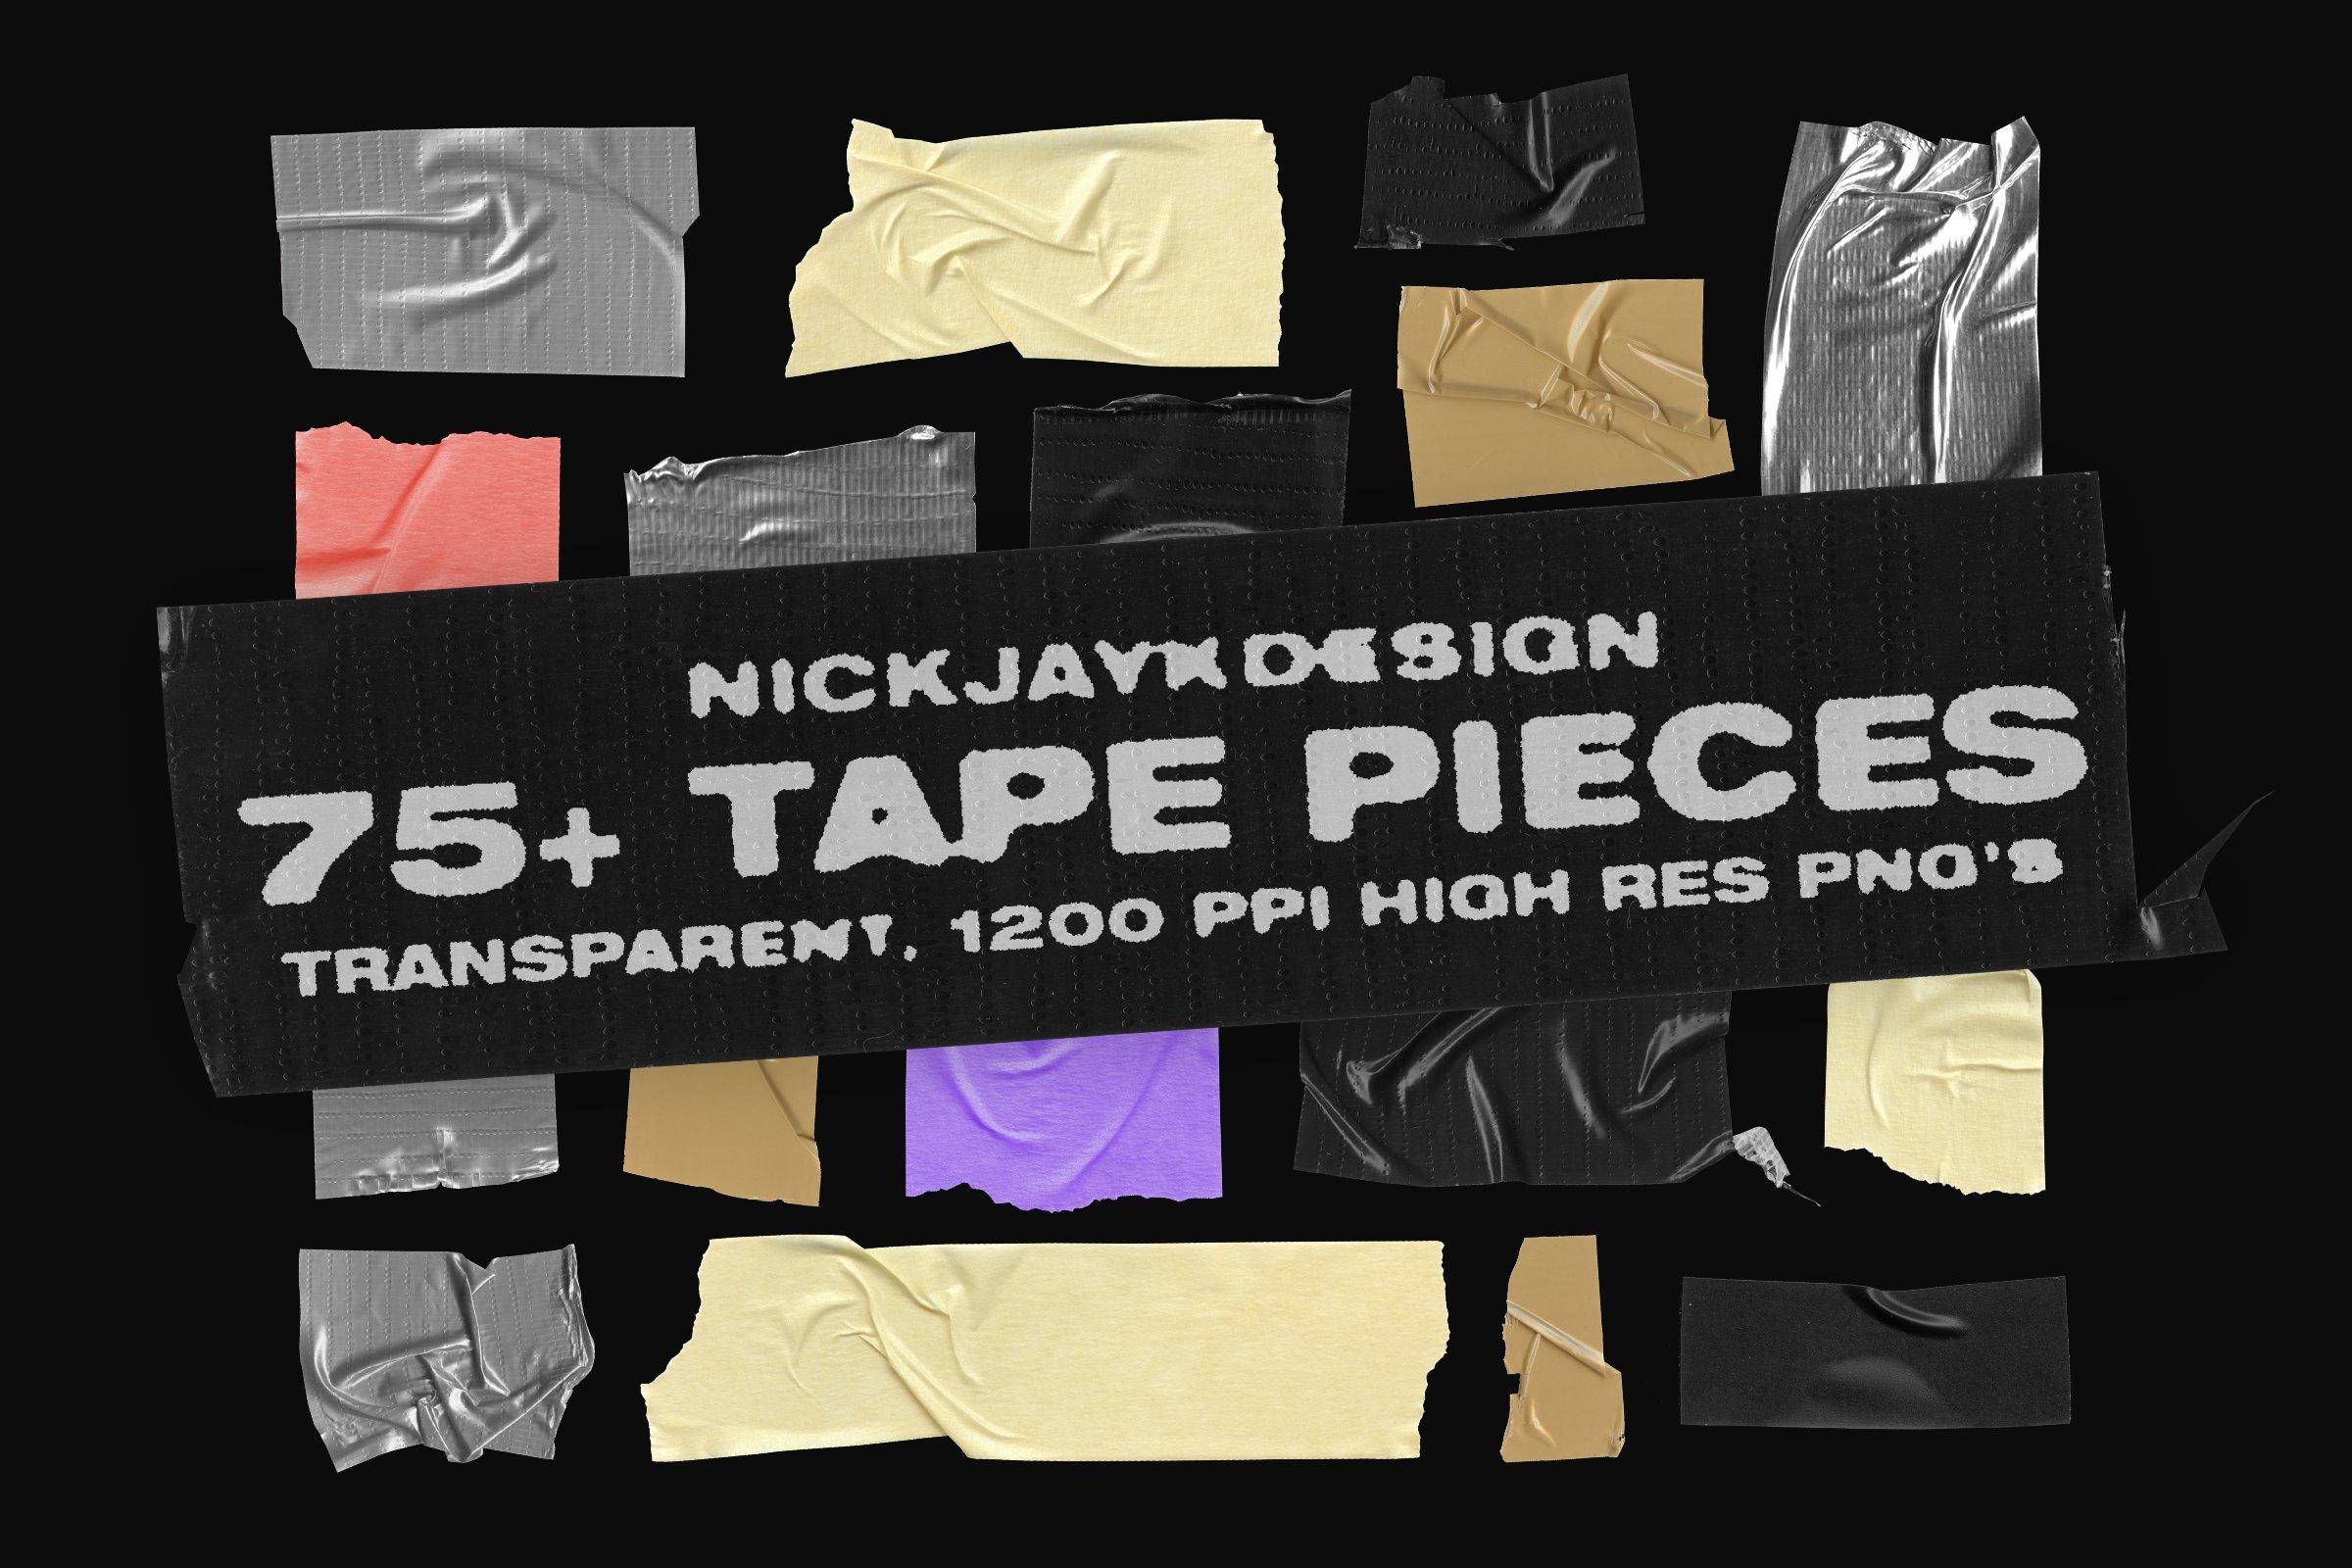 75款高清多种胶带贴纸背景纹理PNG图片素材 Tape Pieces – 75+ Transparent PNGs插图